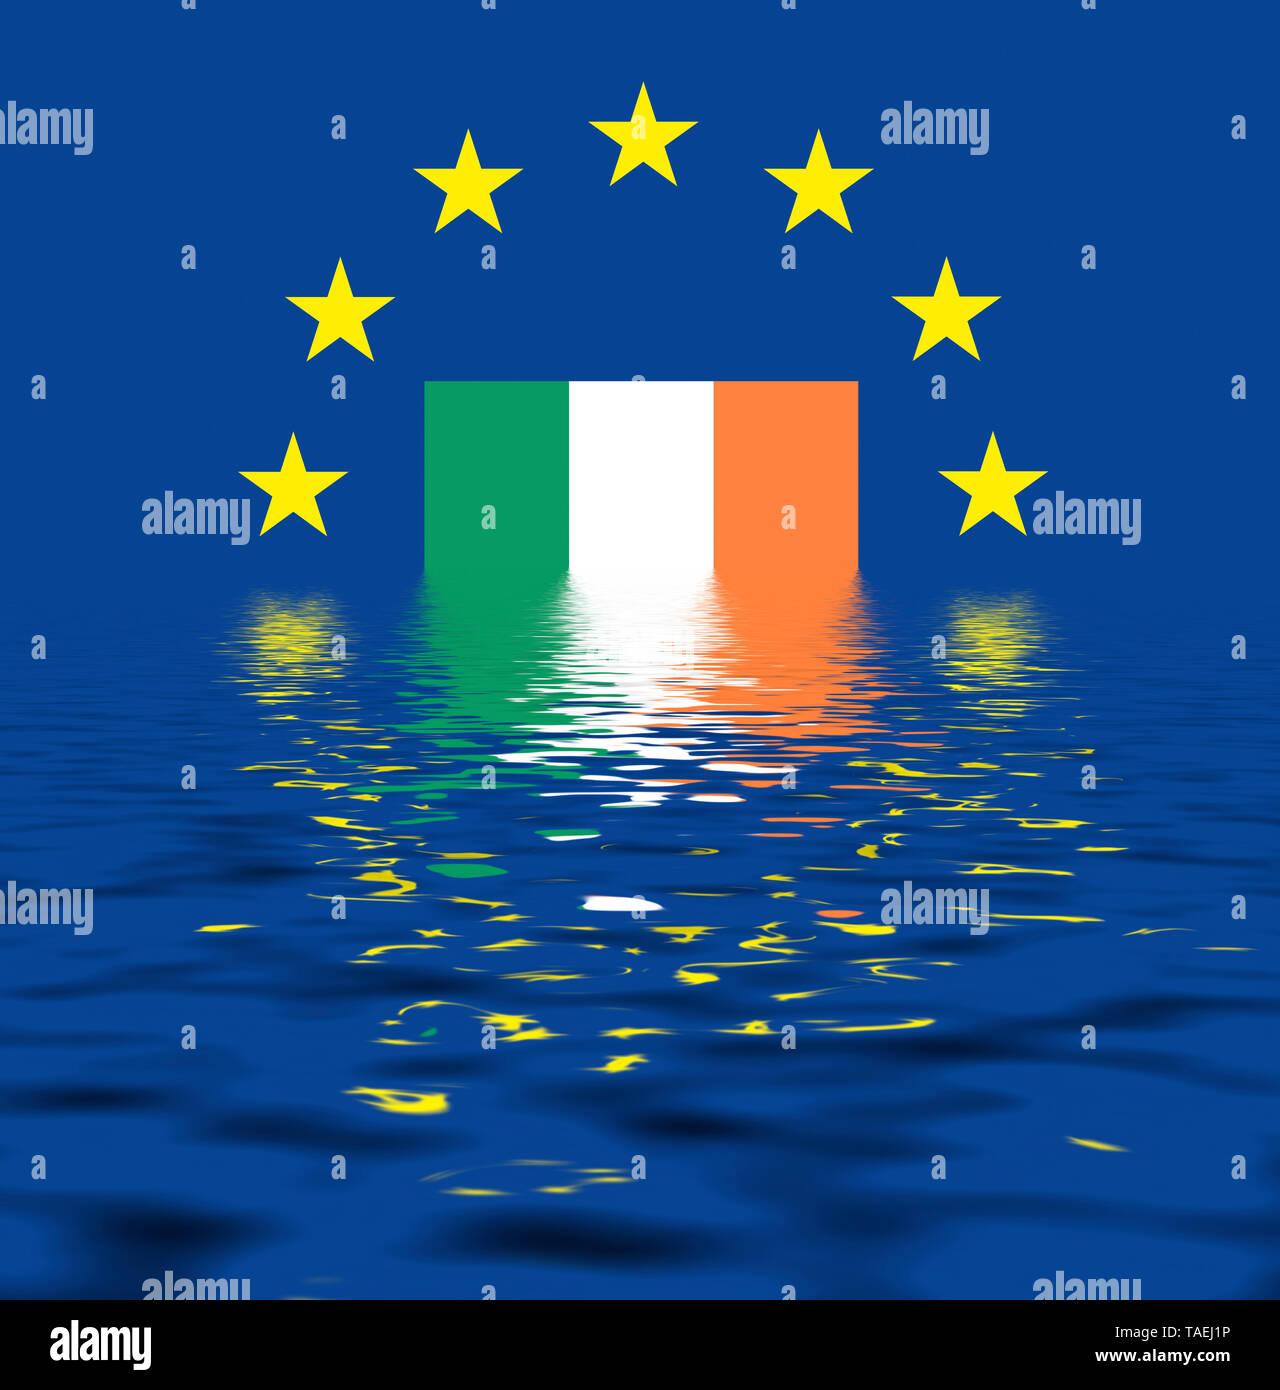 EU-Zeichen mit der Flagge von Irland, die Sterne schützen symbolisch das Land Irland, Symbolfoto für Europa, alles versinkt im Wasser - Stock Image